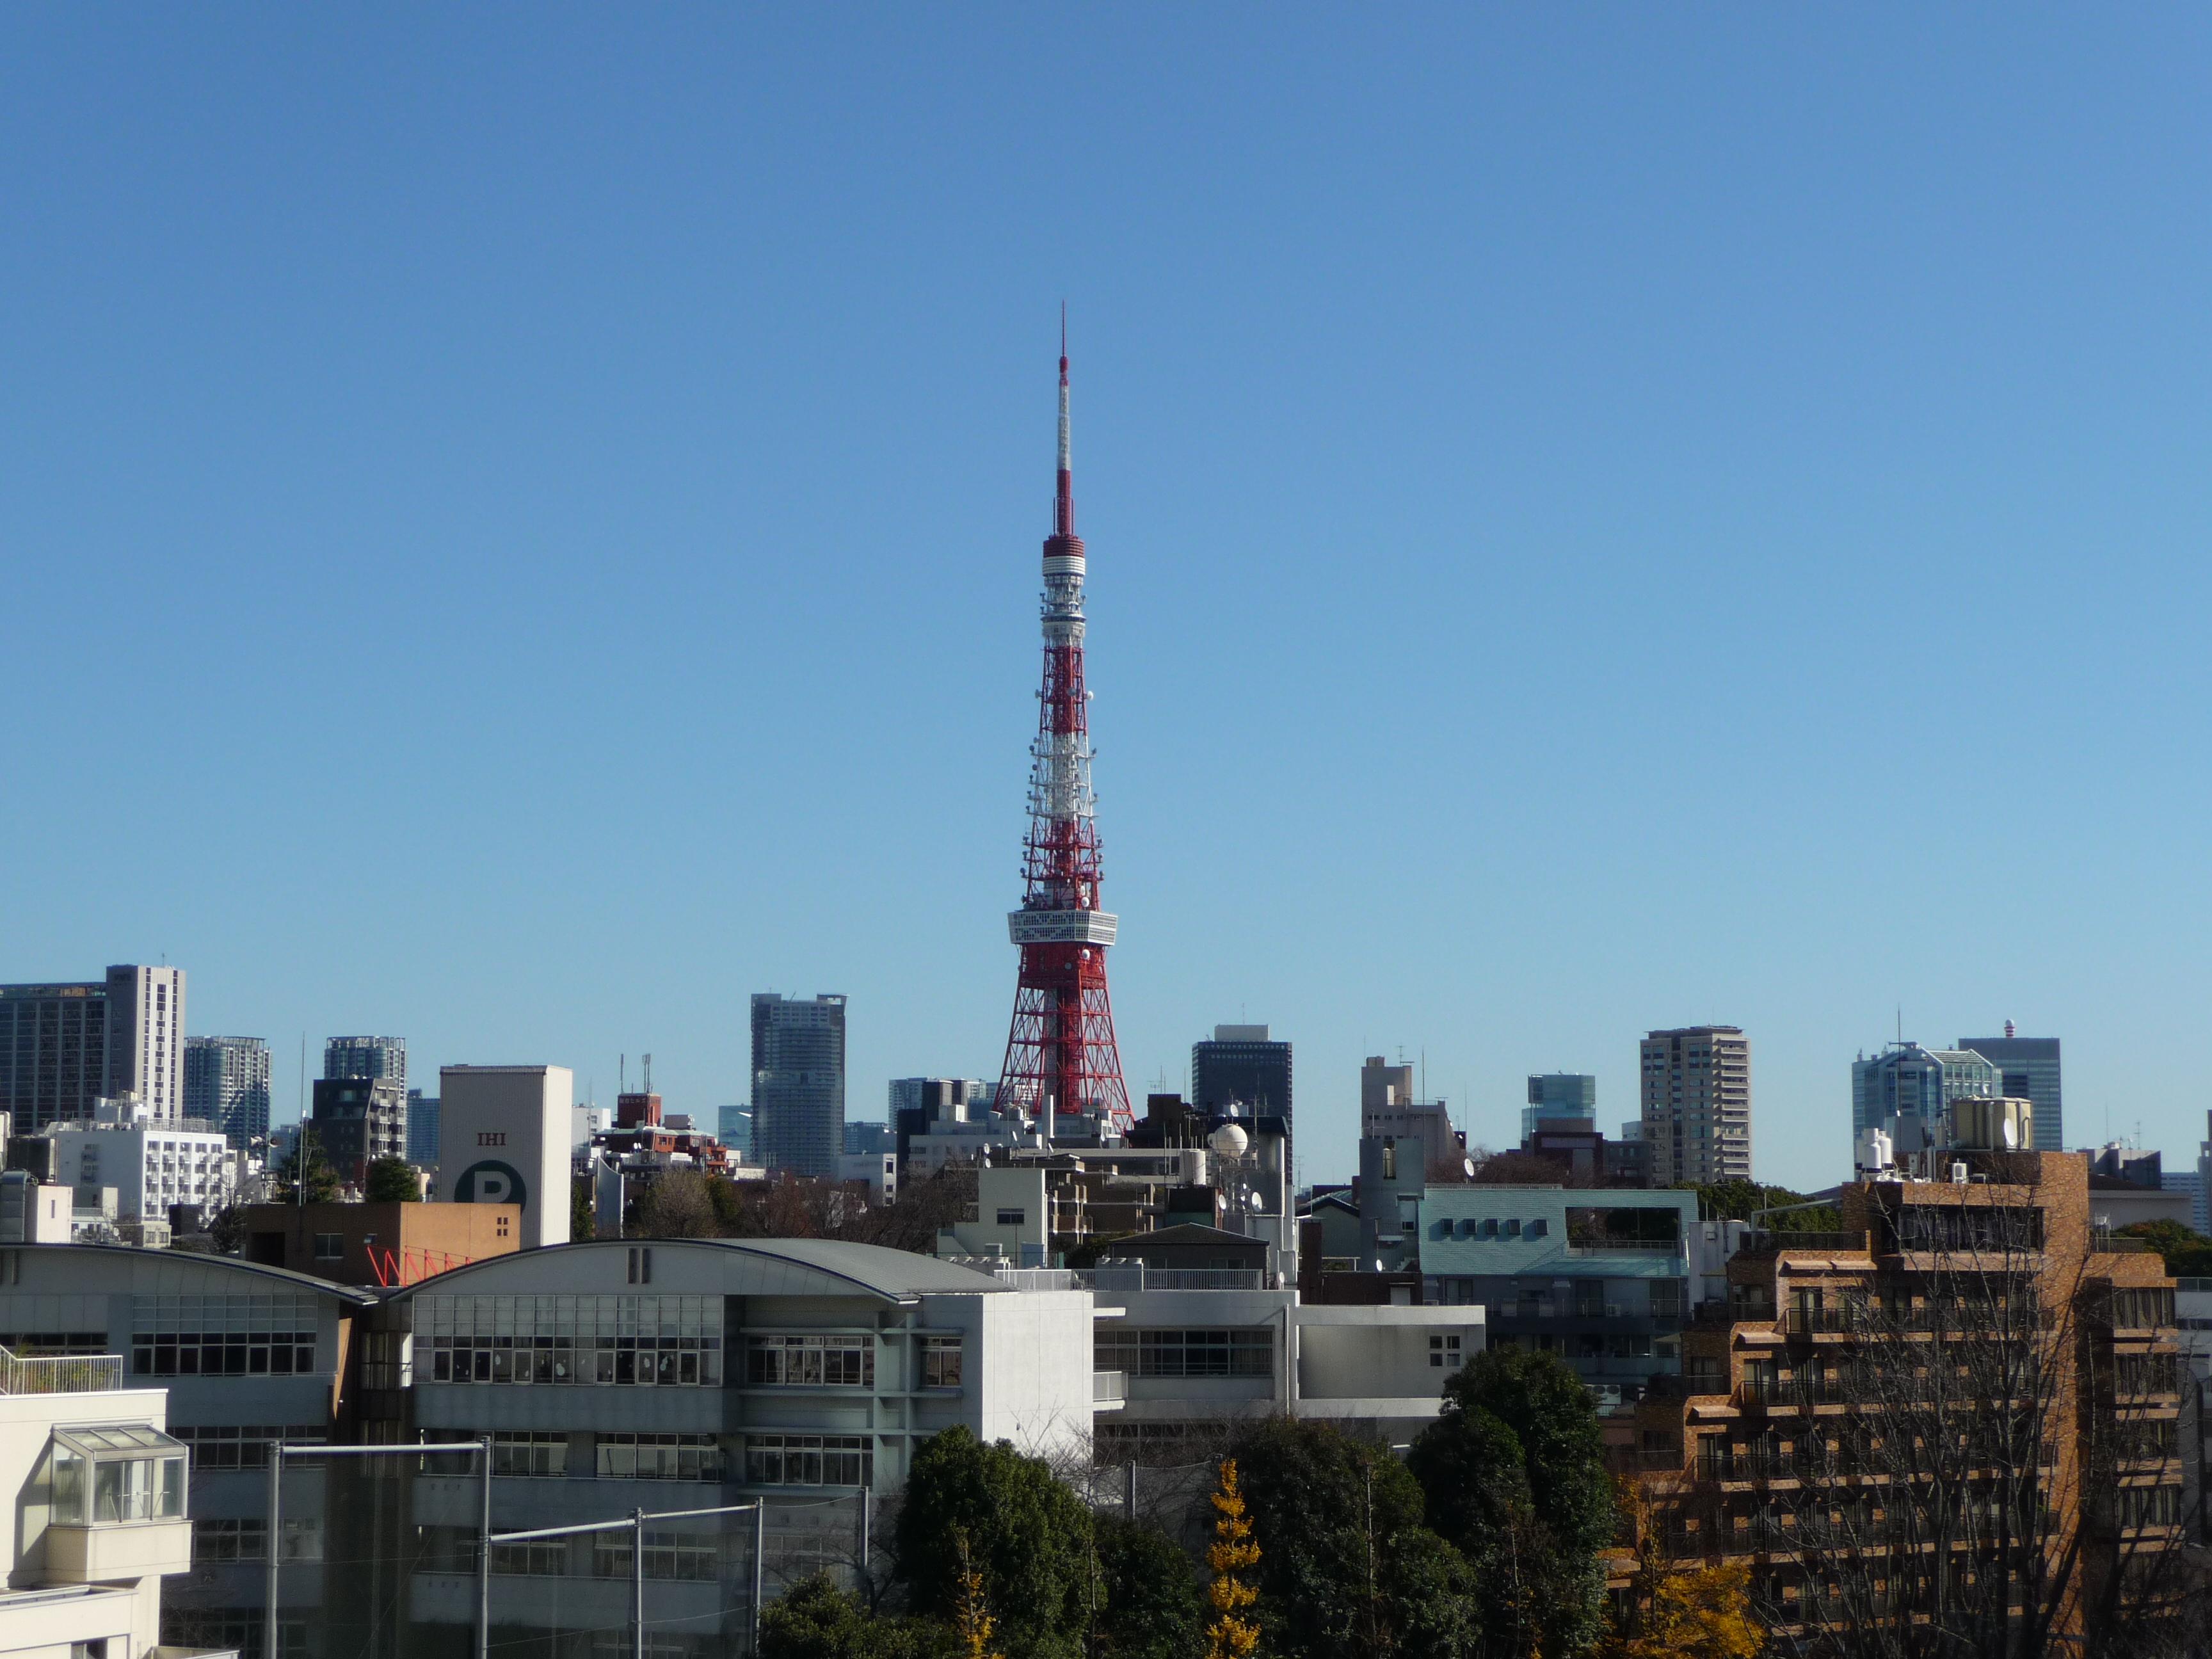 Tôkyô Tower!